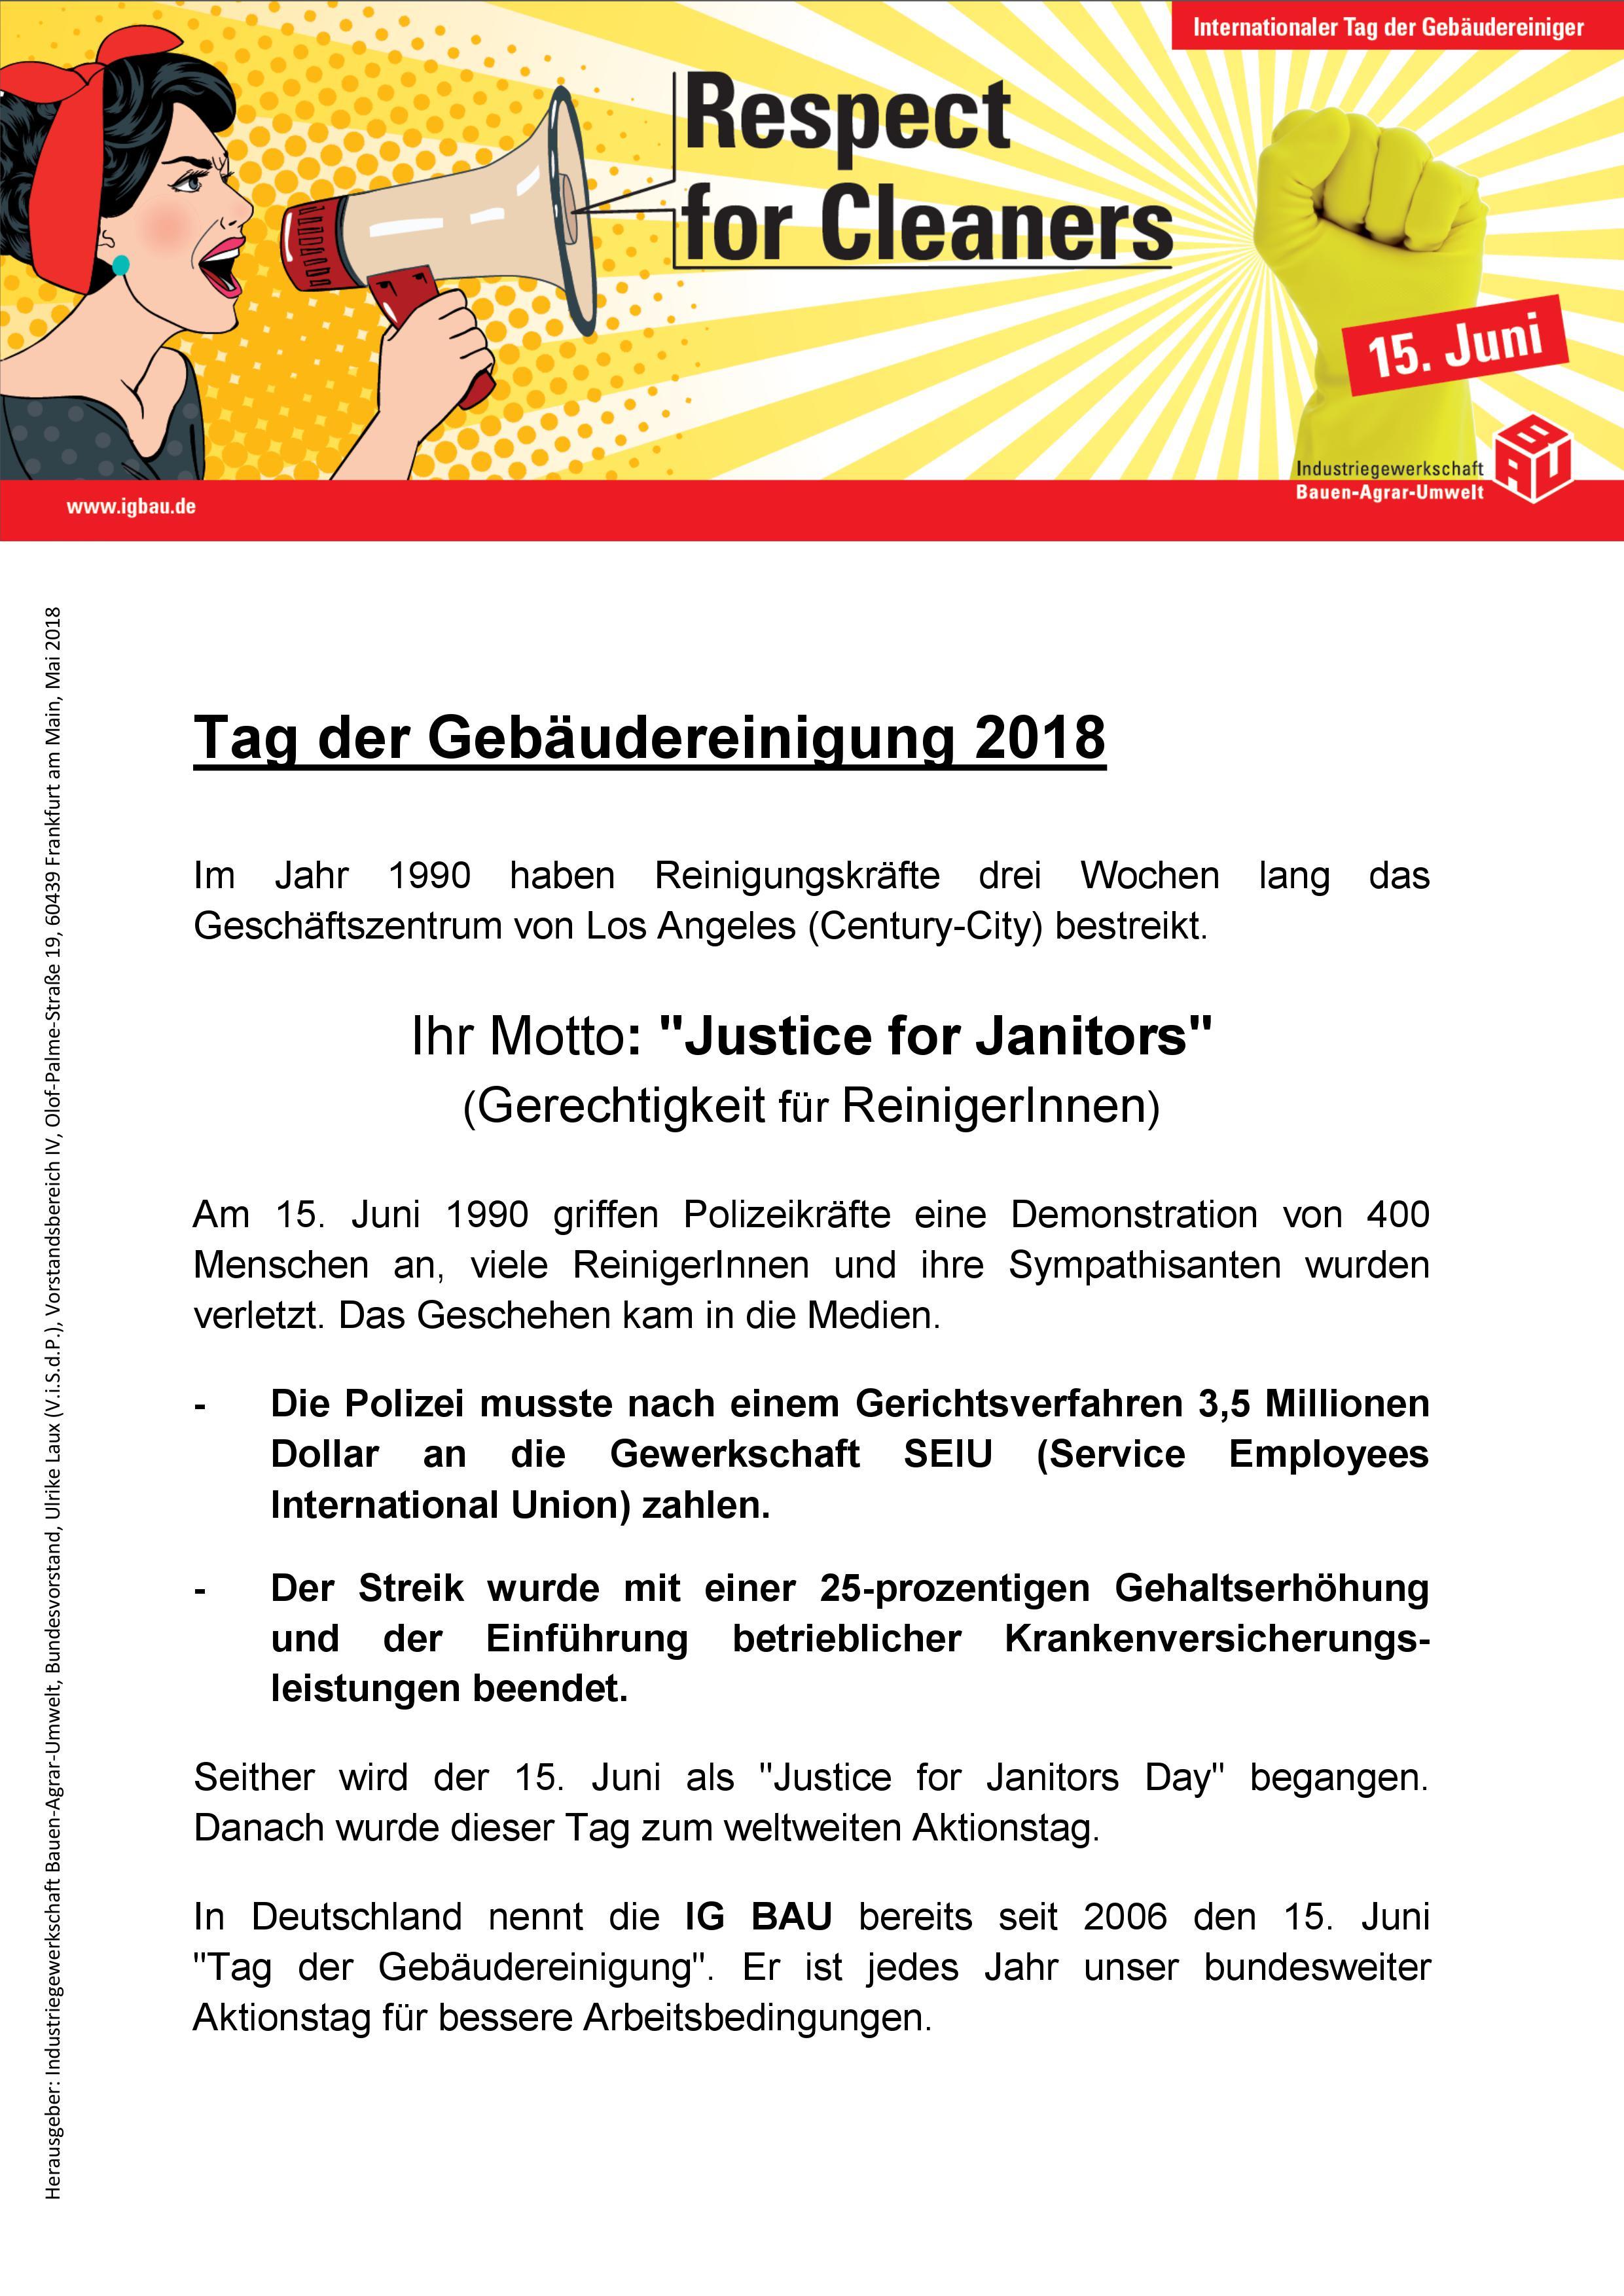 Flugblatt TdG